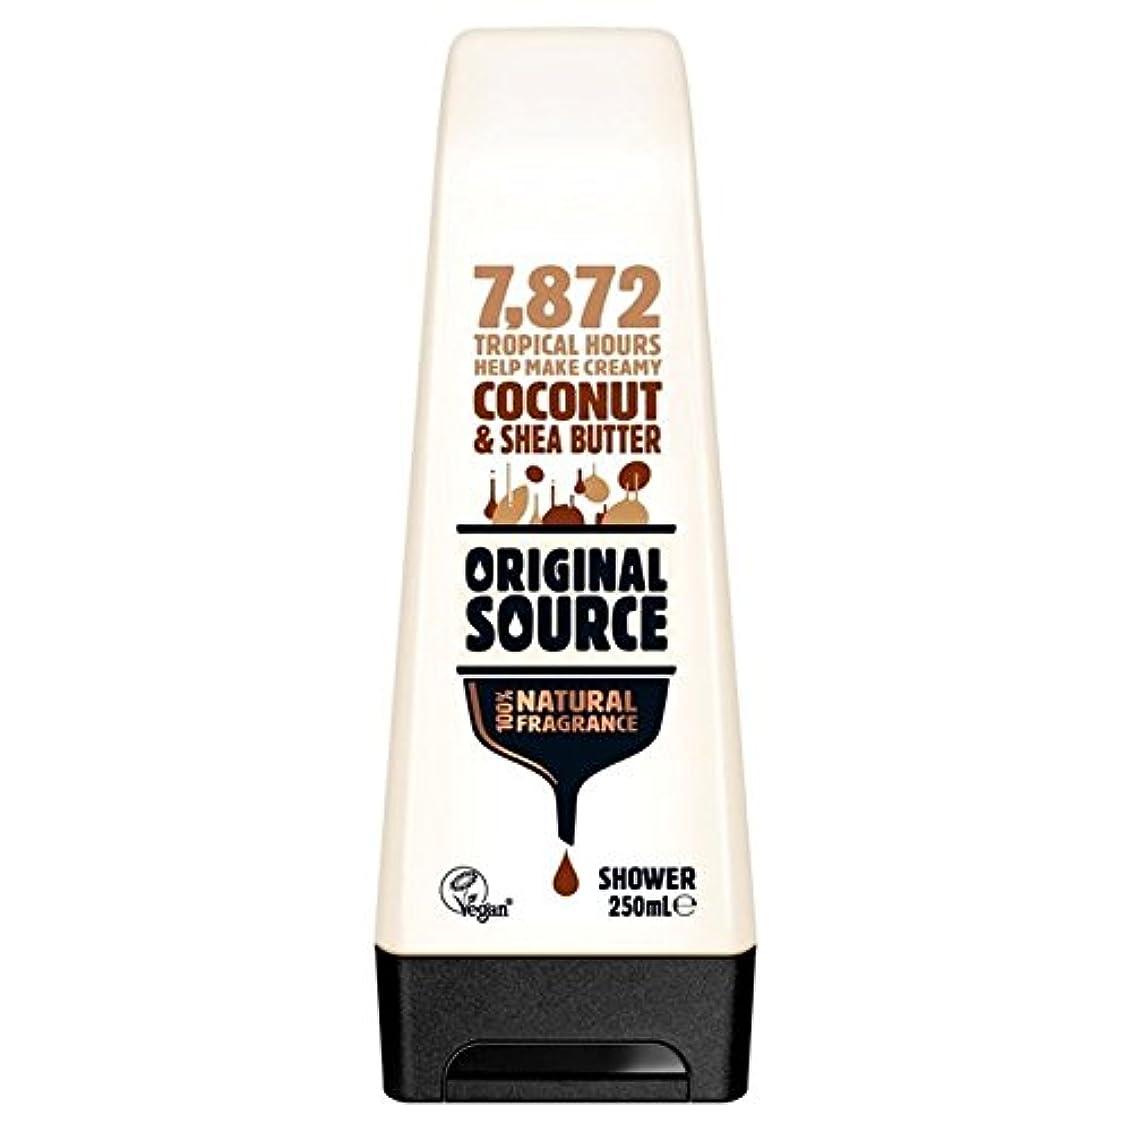 元のソース保湿ココナッツ&シアバターシャワージェル250ミリリットル x4 - Original Source Moisturising Coconut & Shea Butter Shower Gel 250ml (Pack...